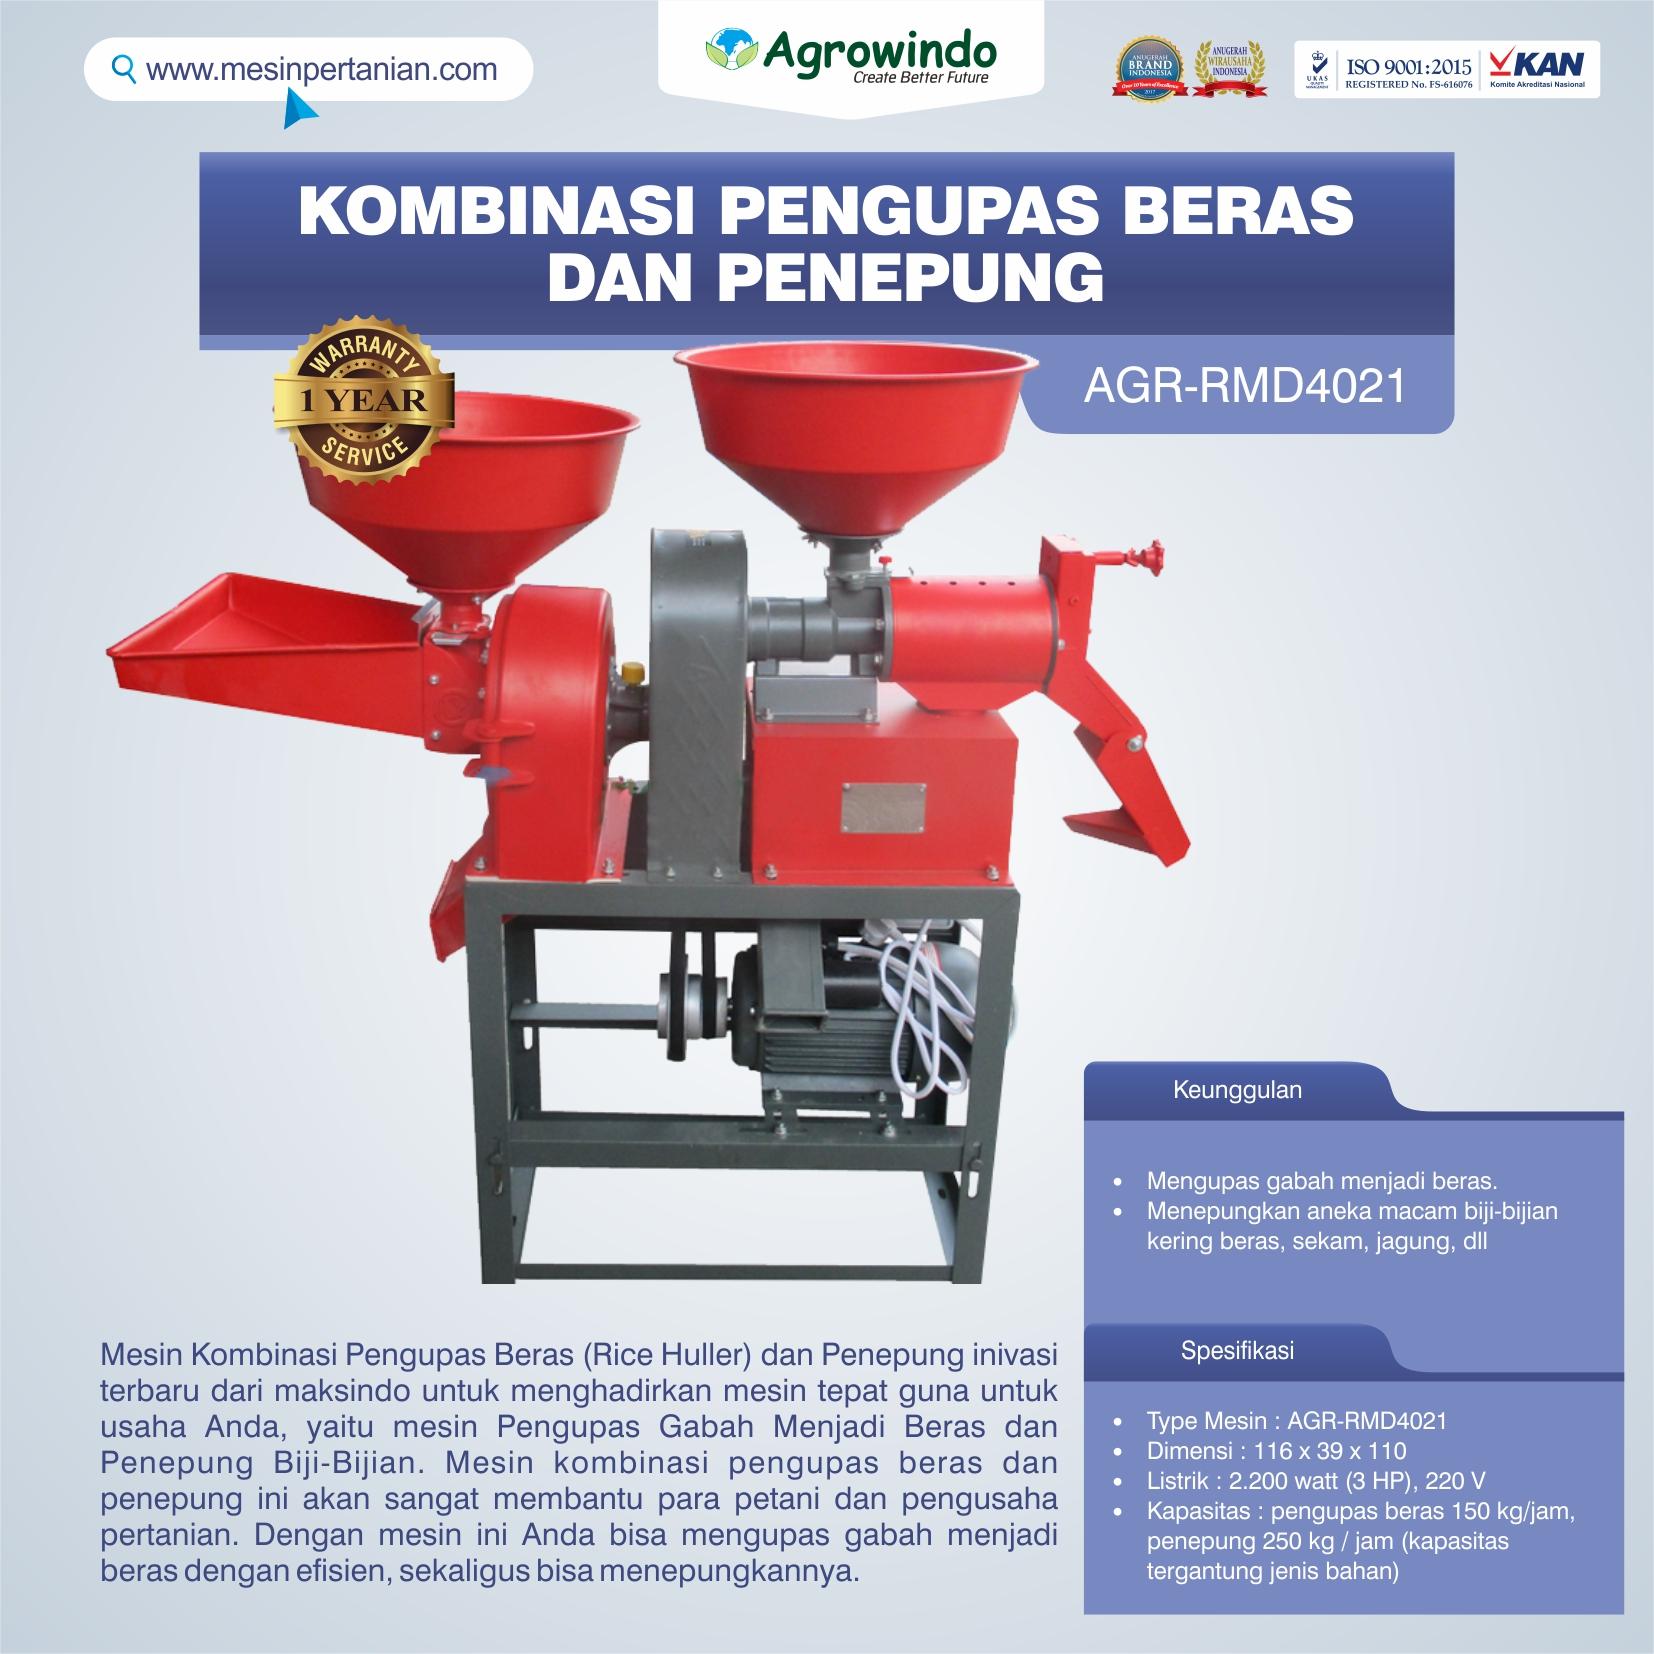 Jual Kombinasi Pengupas Beras dan Penepung RMD4021 di Tangerang